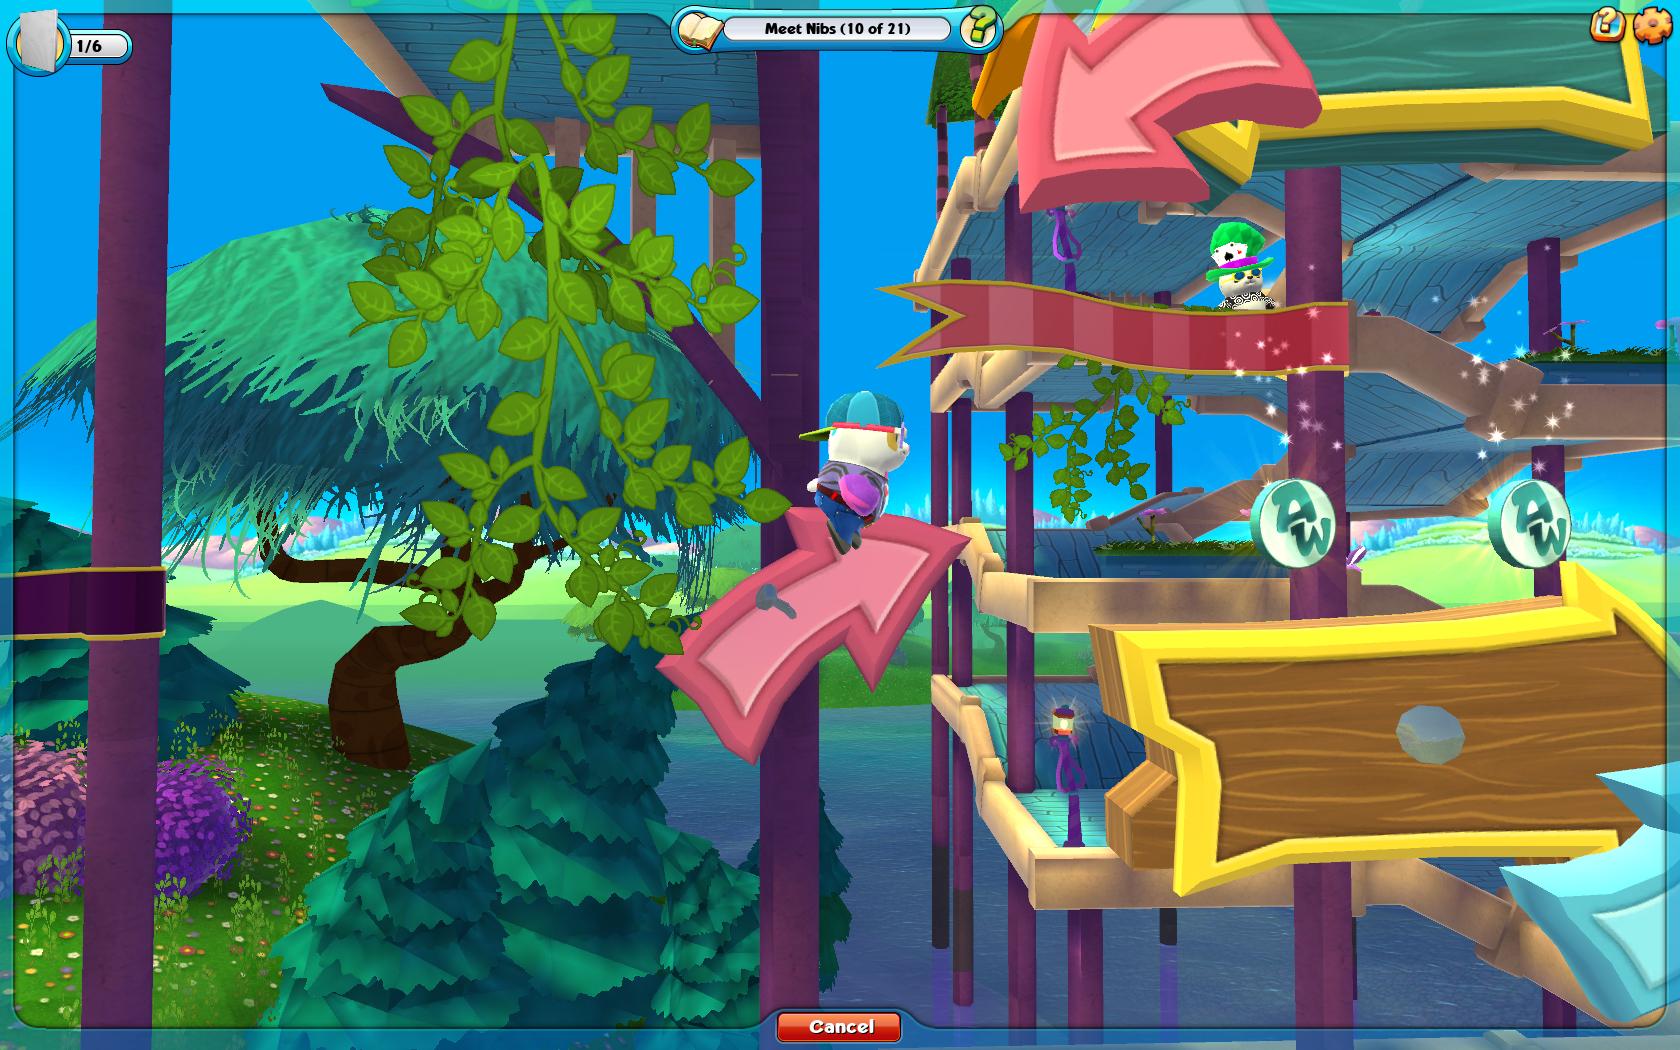 奇妙世界 游戏画面